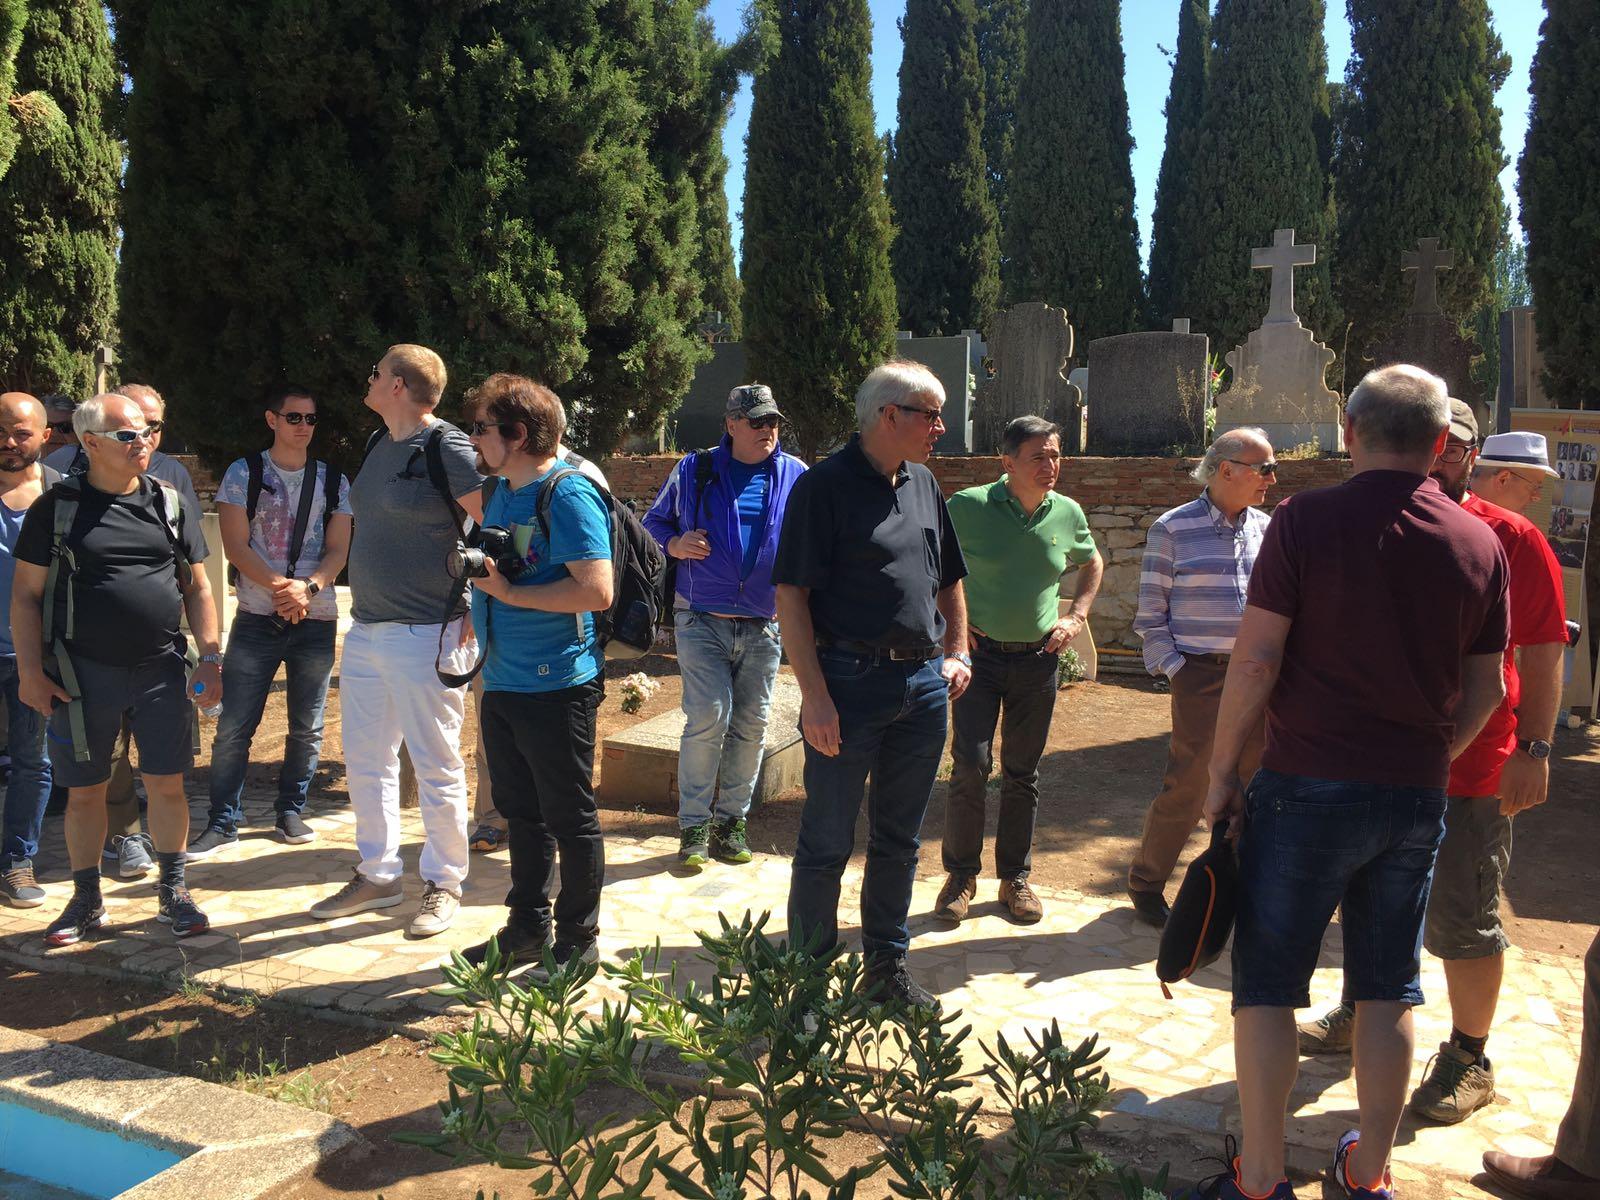 <p>Los miembros del sindicato noruego de electricistas Elogit, principales donantes de la exhumación, visitan el cementerio de Guadalajara.</p>